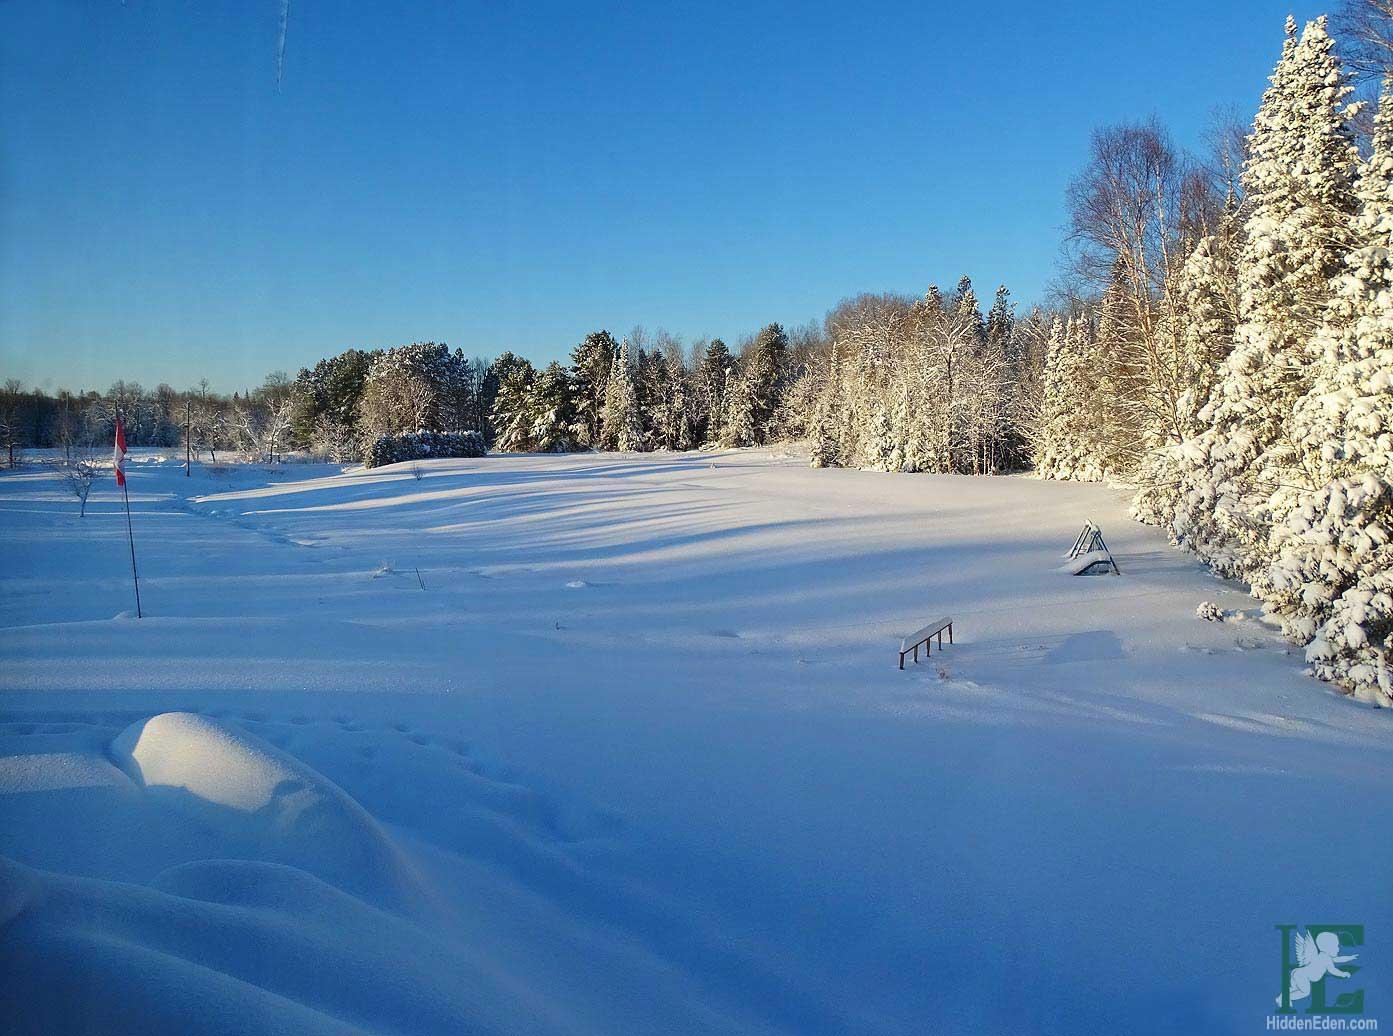 Muskoka Winter Landscape